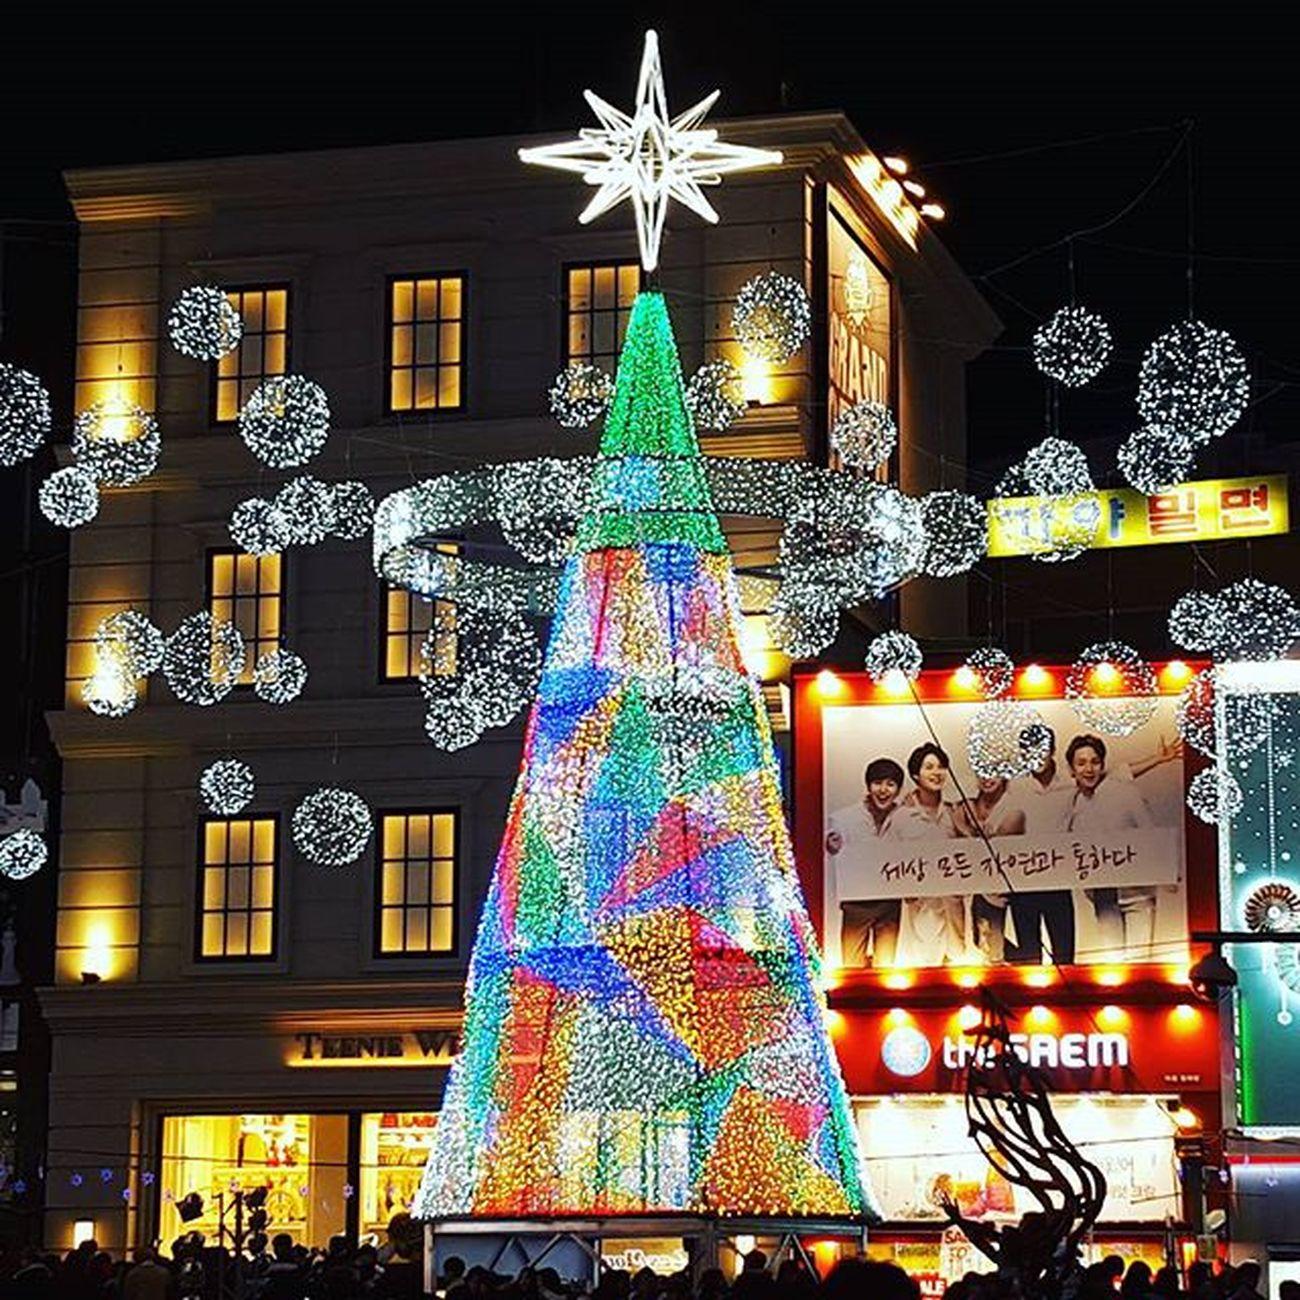 크리스마스트리 남포동 부산야경 부산 Busan 바다 일상 데일리 사진 여행 일상공유 맞팔 Sotong 미러리스카메라 Follow Followme Photo Travel Daily Southkorea